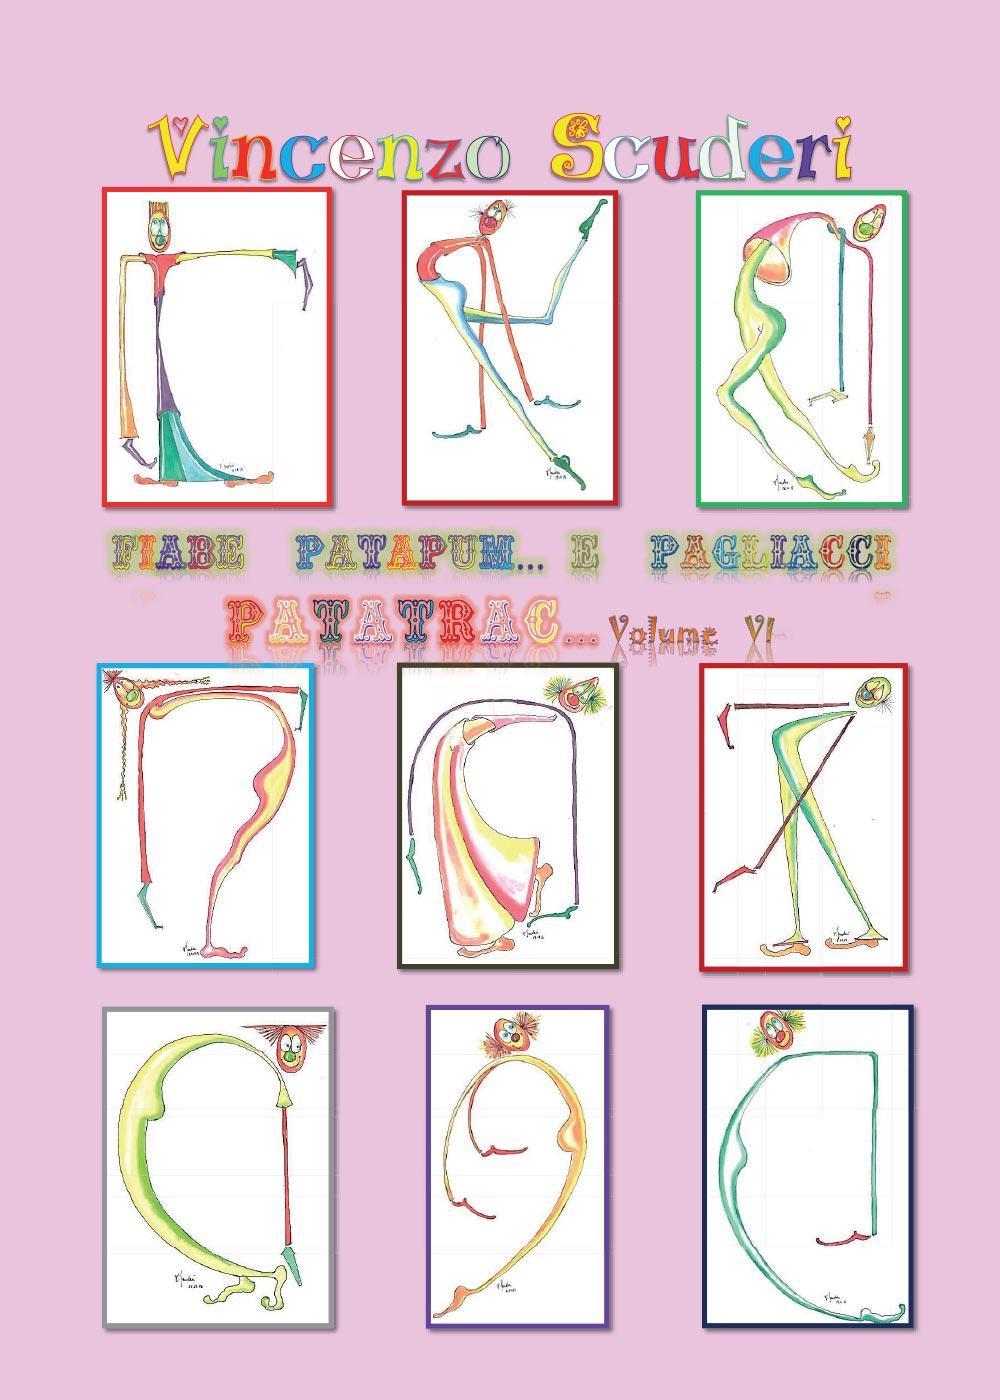 Fiabe Patapum e Pagliacci Patatrac… Volume VI